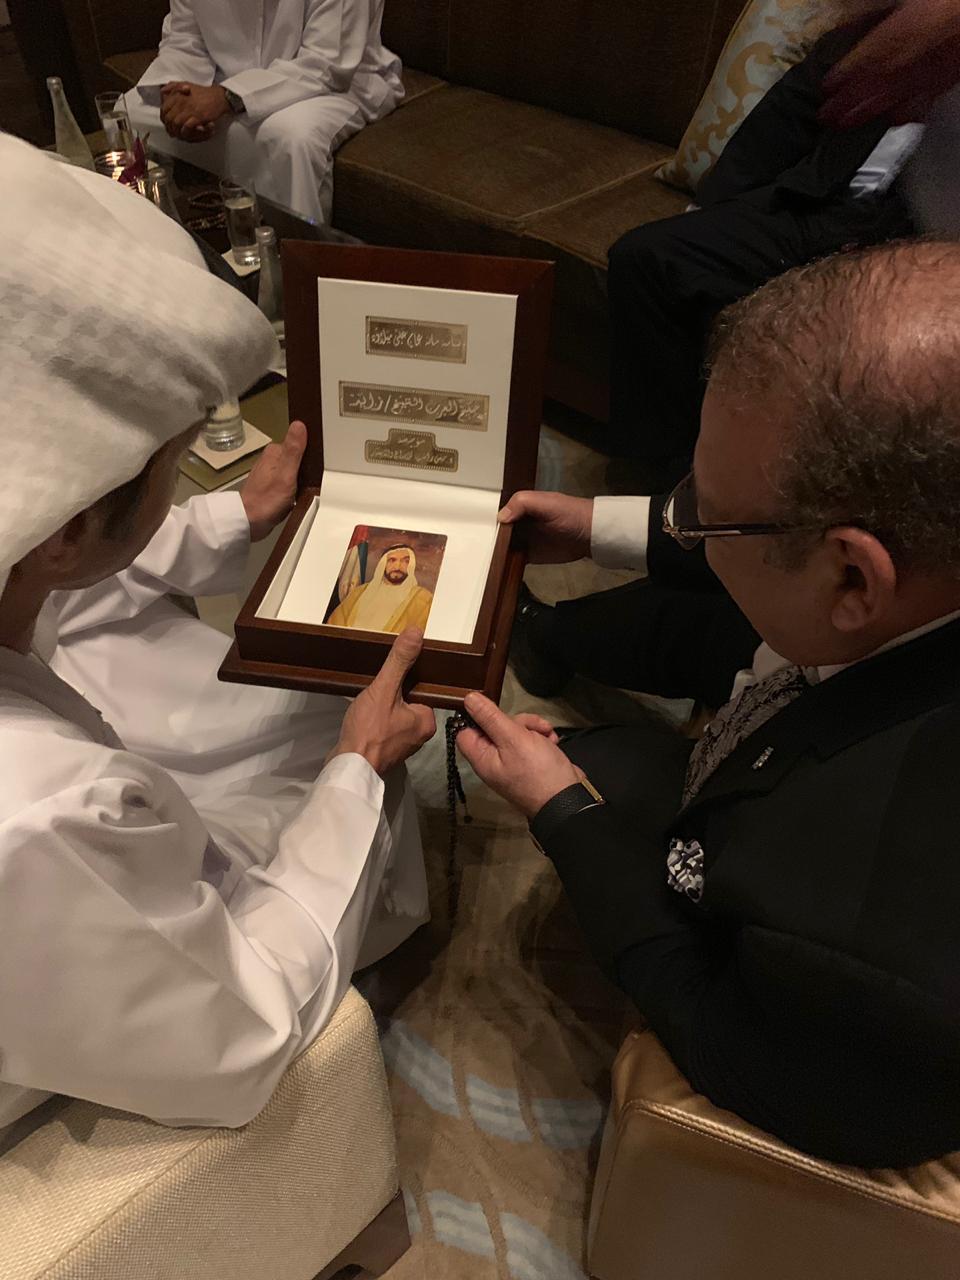 درع الحصان العربى الذهبى للدكتور حسن راتب لإسهامه فى اعداد موسوعة حكيم العرب (2)